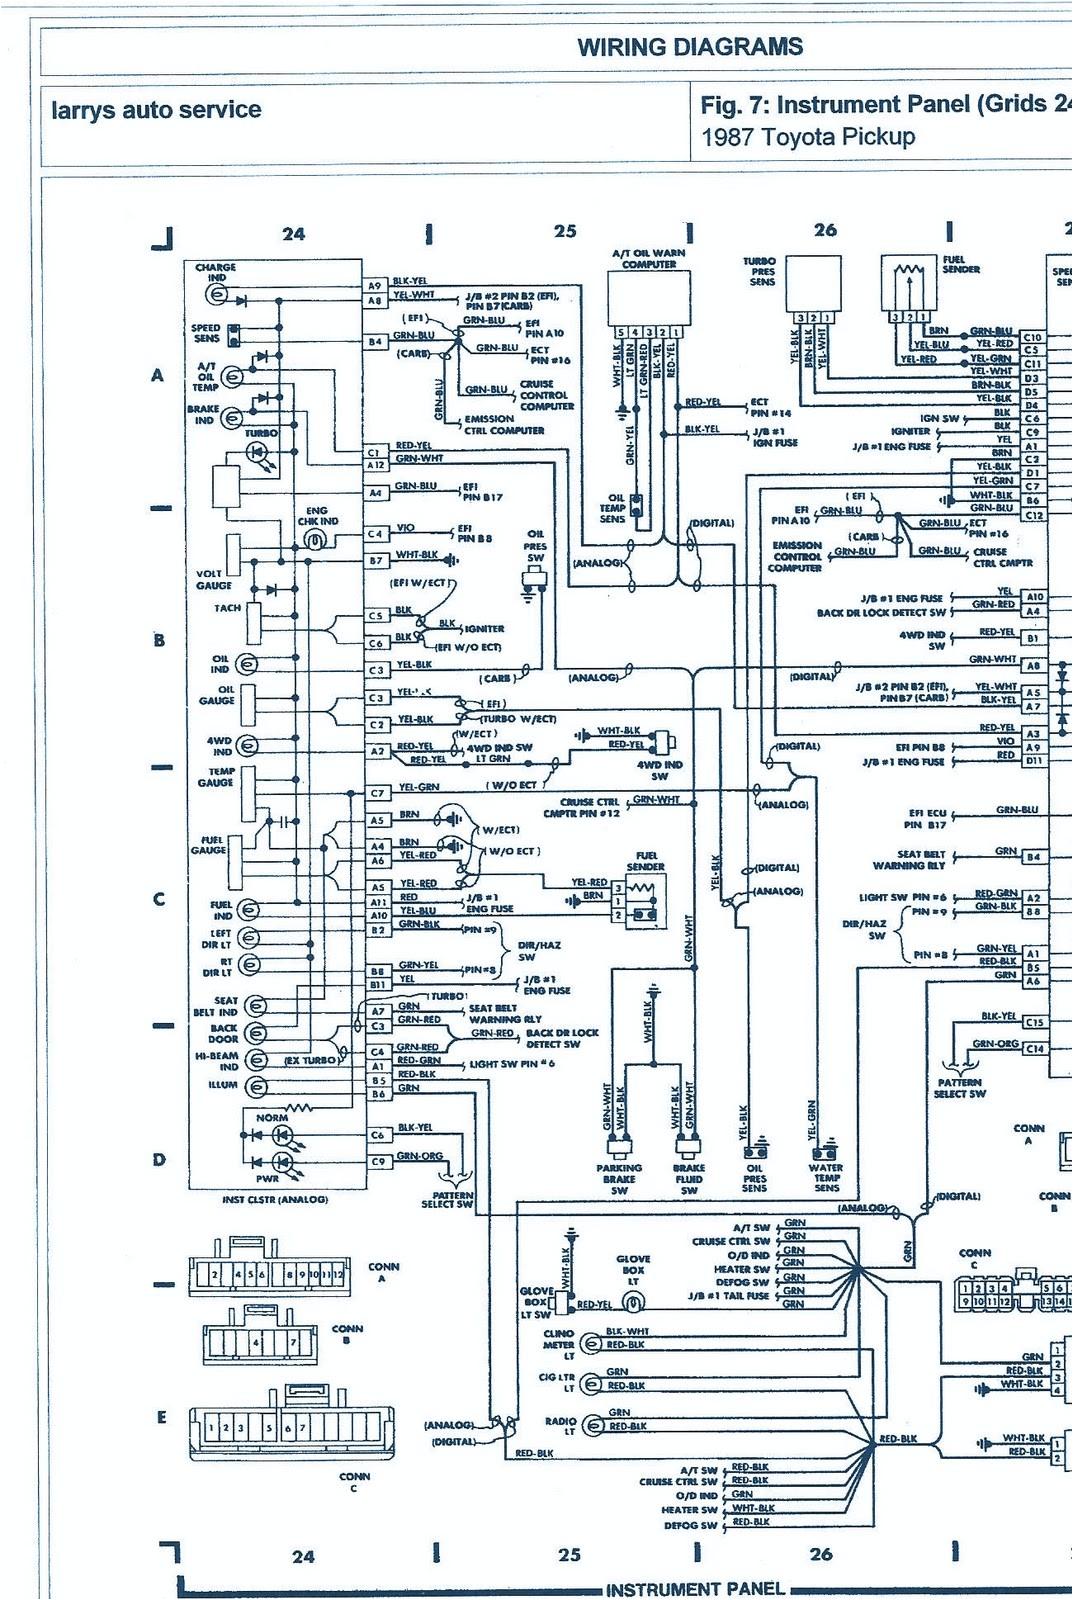 84 4runner wiring diagram wiring diagram meta 84 4runner wiring diagram